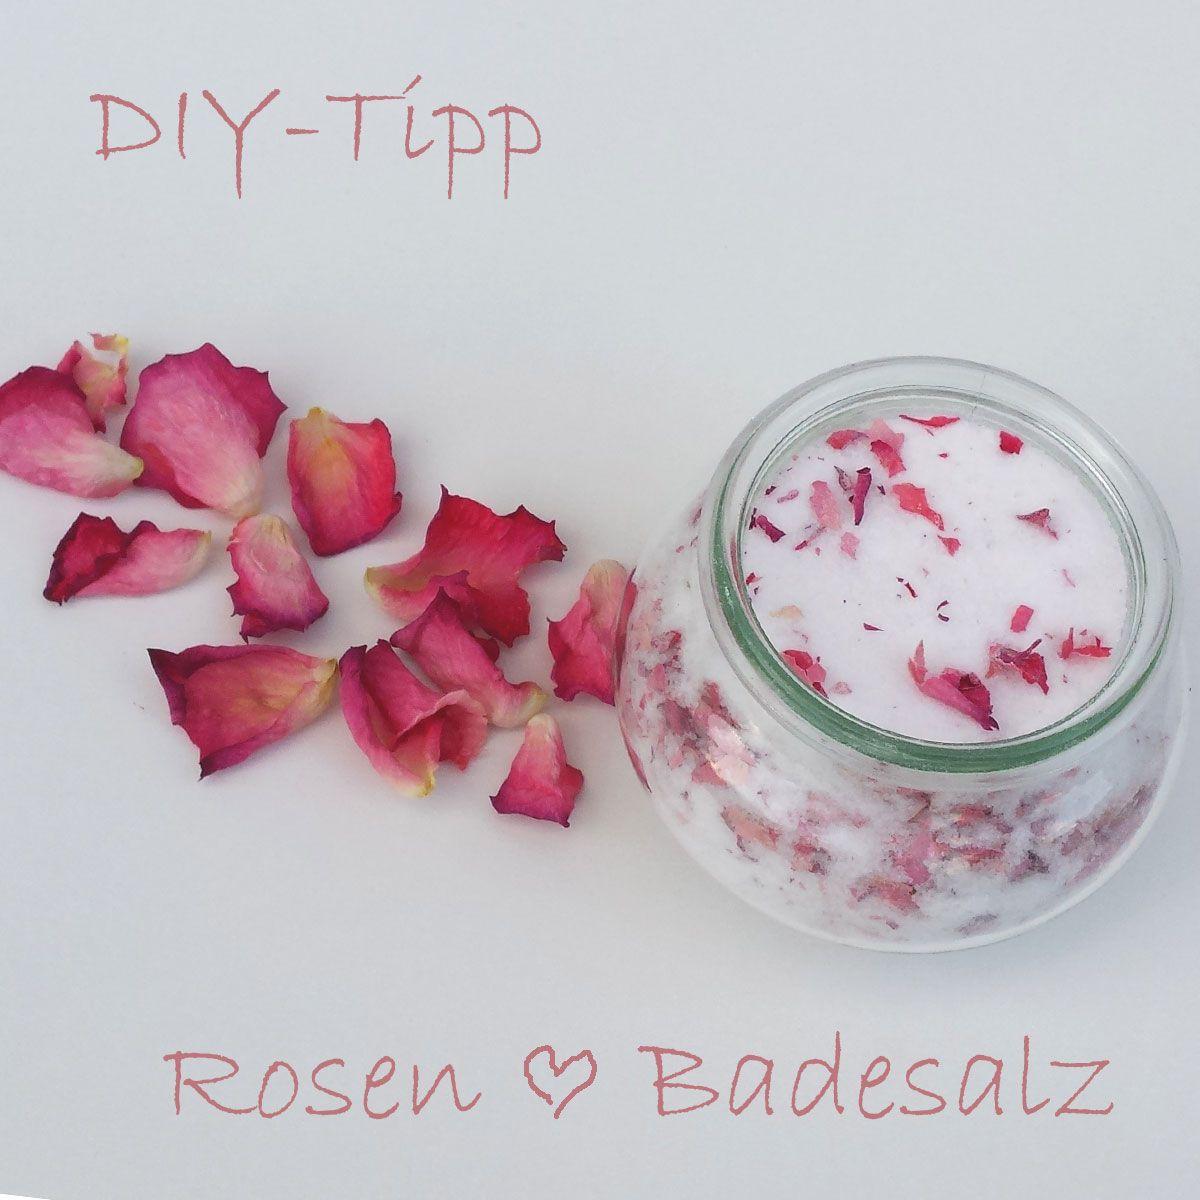 Rosen-Badesalz: Einfache und sehr hübsche Geschenkidee zum Muttertag. Das braucht ihr: 1 Rose (die Blütenblätter bei 80 Grad etwa 10 Minuten im Ofen trocknen), Gewußt wie Feines Meersalz und 1 Pkg Natron - Salz, Natron und getrocknete Blütenblätter abwechselnd in ein Glas schichten. Und schon ist ein ganz besonderes Muttertagsgeschenk fertig!  #Muttertag #Gewusstwie #DIY